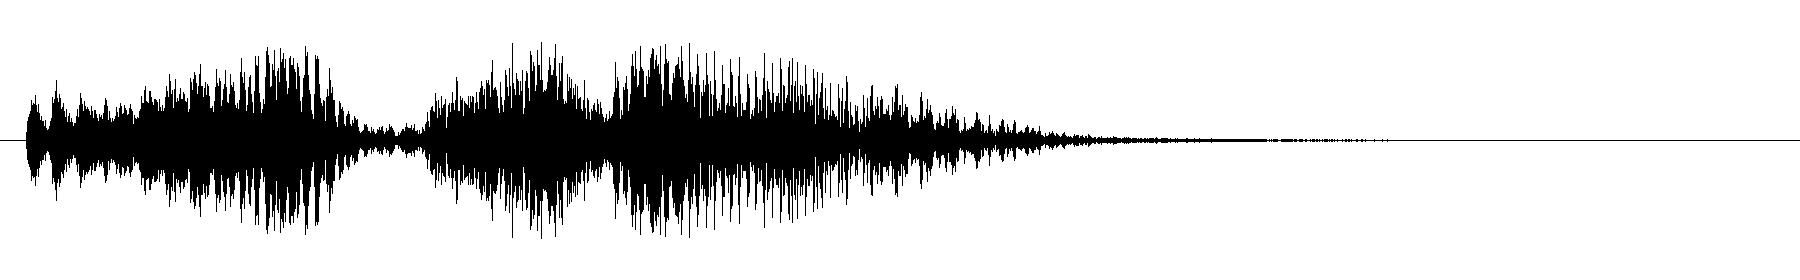 vocoder 1   mixer